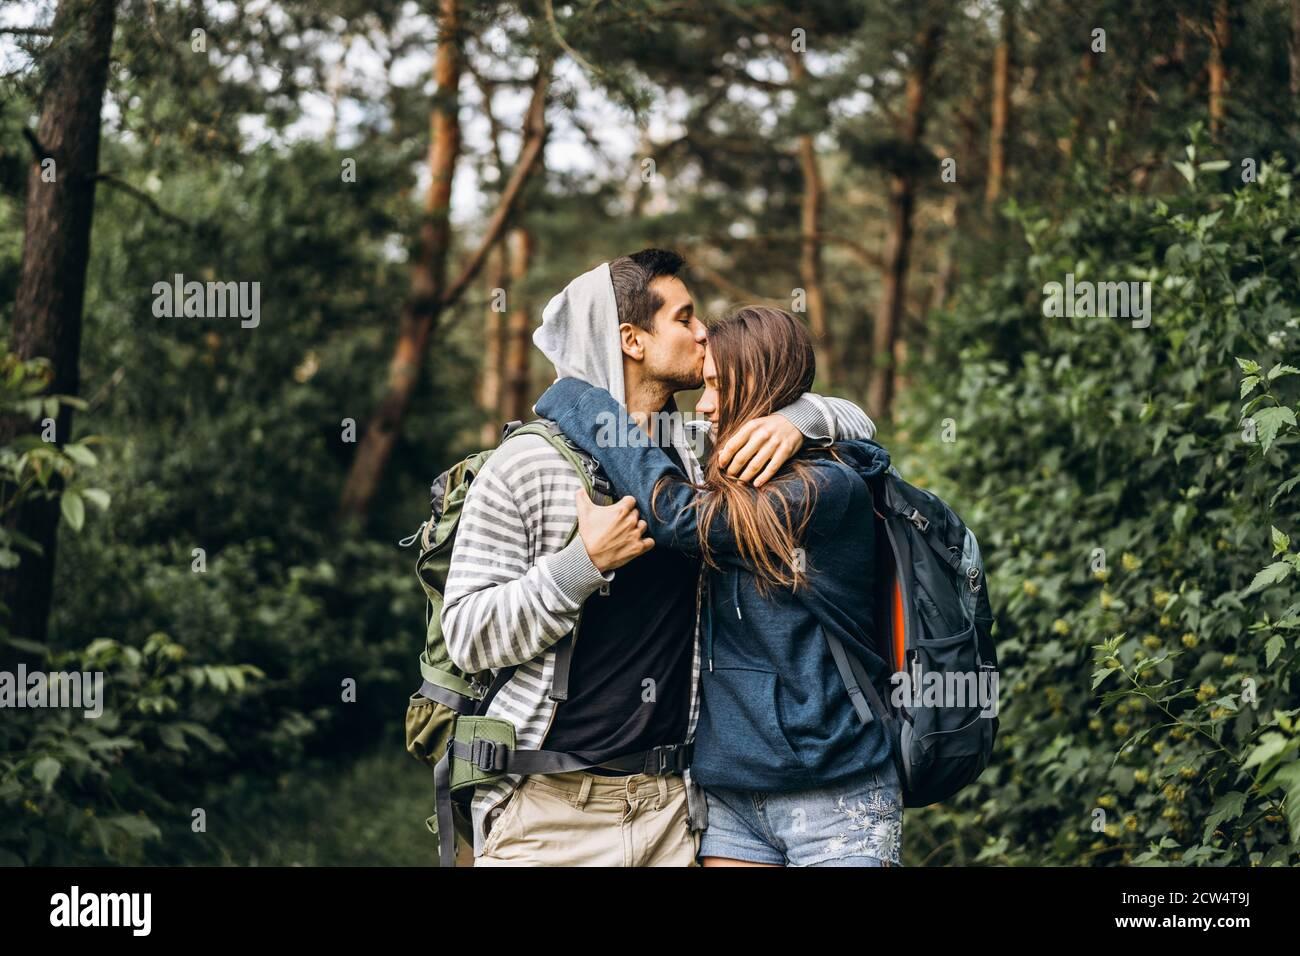 Pareja joven con mochilas en la espalda sonriendo y caminando por el bosque, disfrutar del paseo. Foto de stock